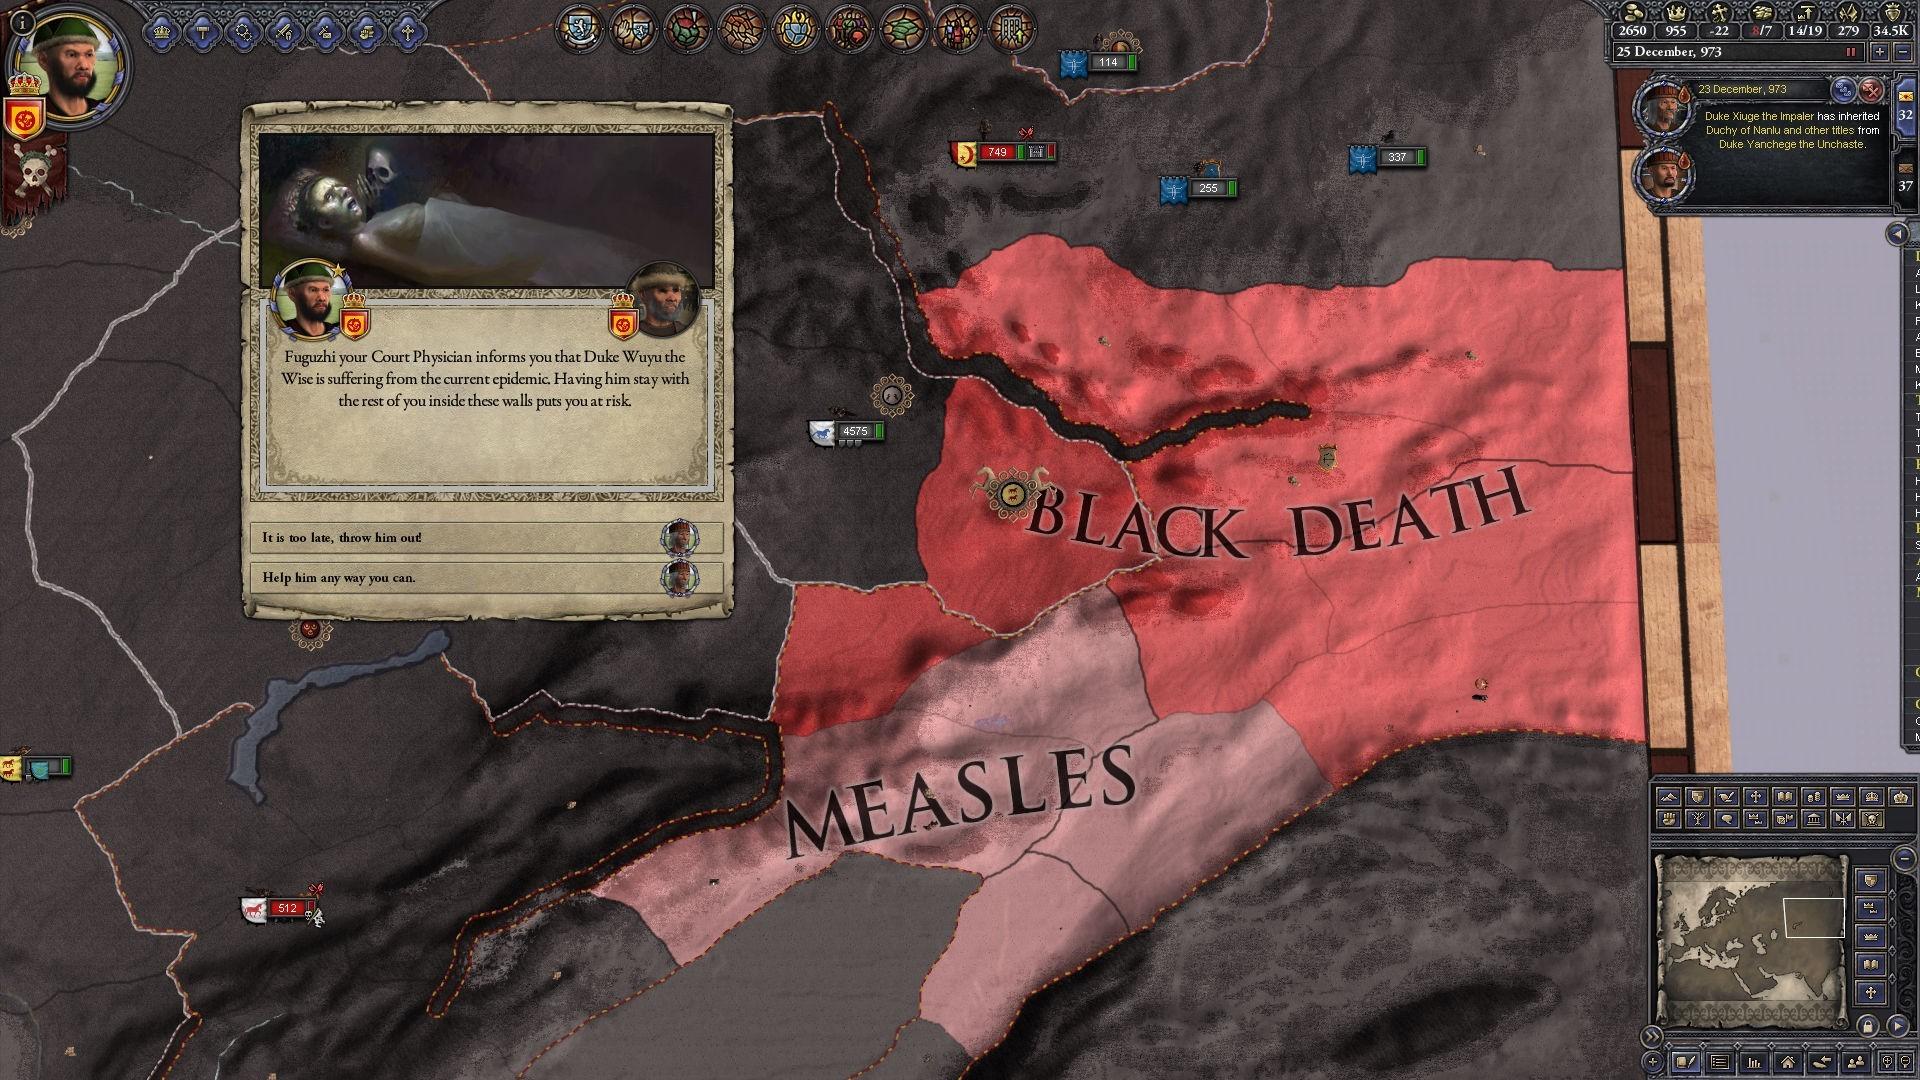 2 The plague hits Crusader Kings II in upcoming DLC